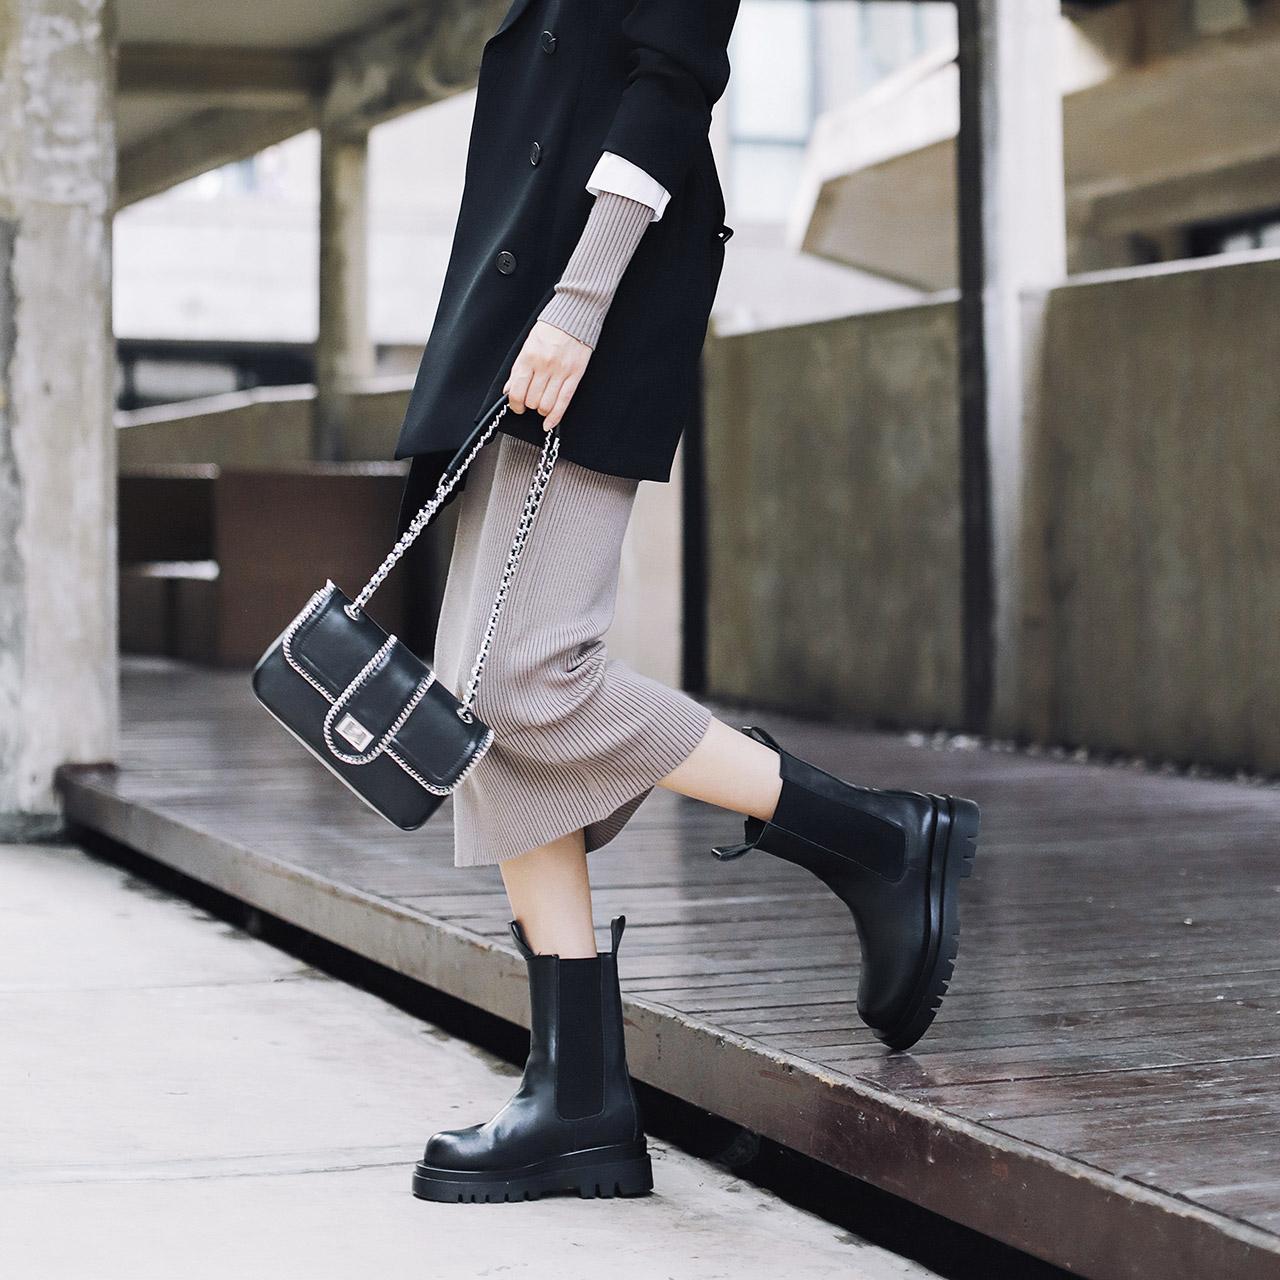 预聚 77211DZ0 冬新英伦风中筒烟筒靴加绒 2020 百丽黑可可切尔西靴女